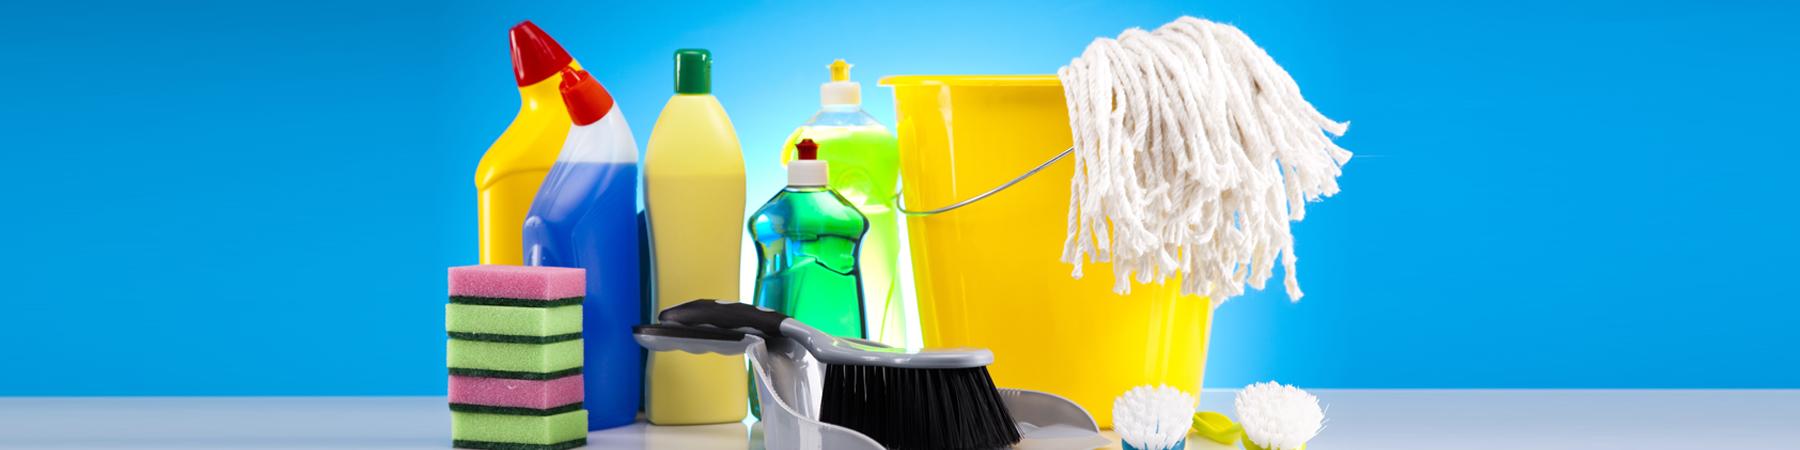 Prodotti per la pulizia professionale? Affidati a Service Paper ...